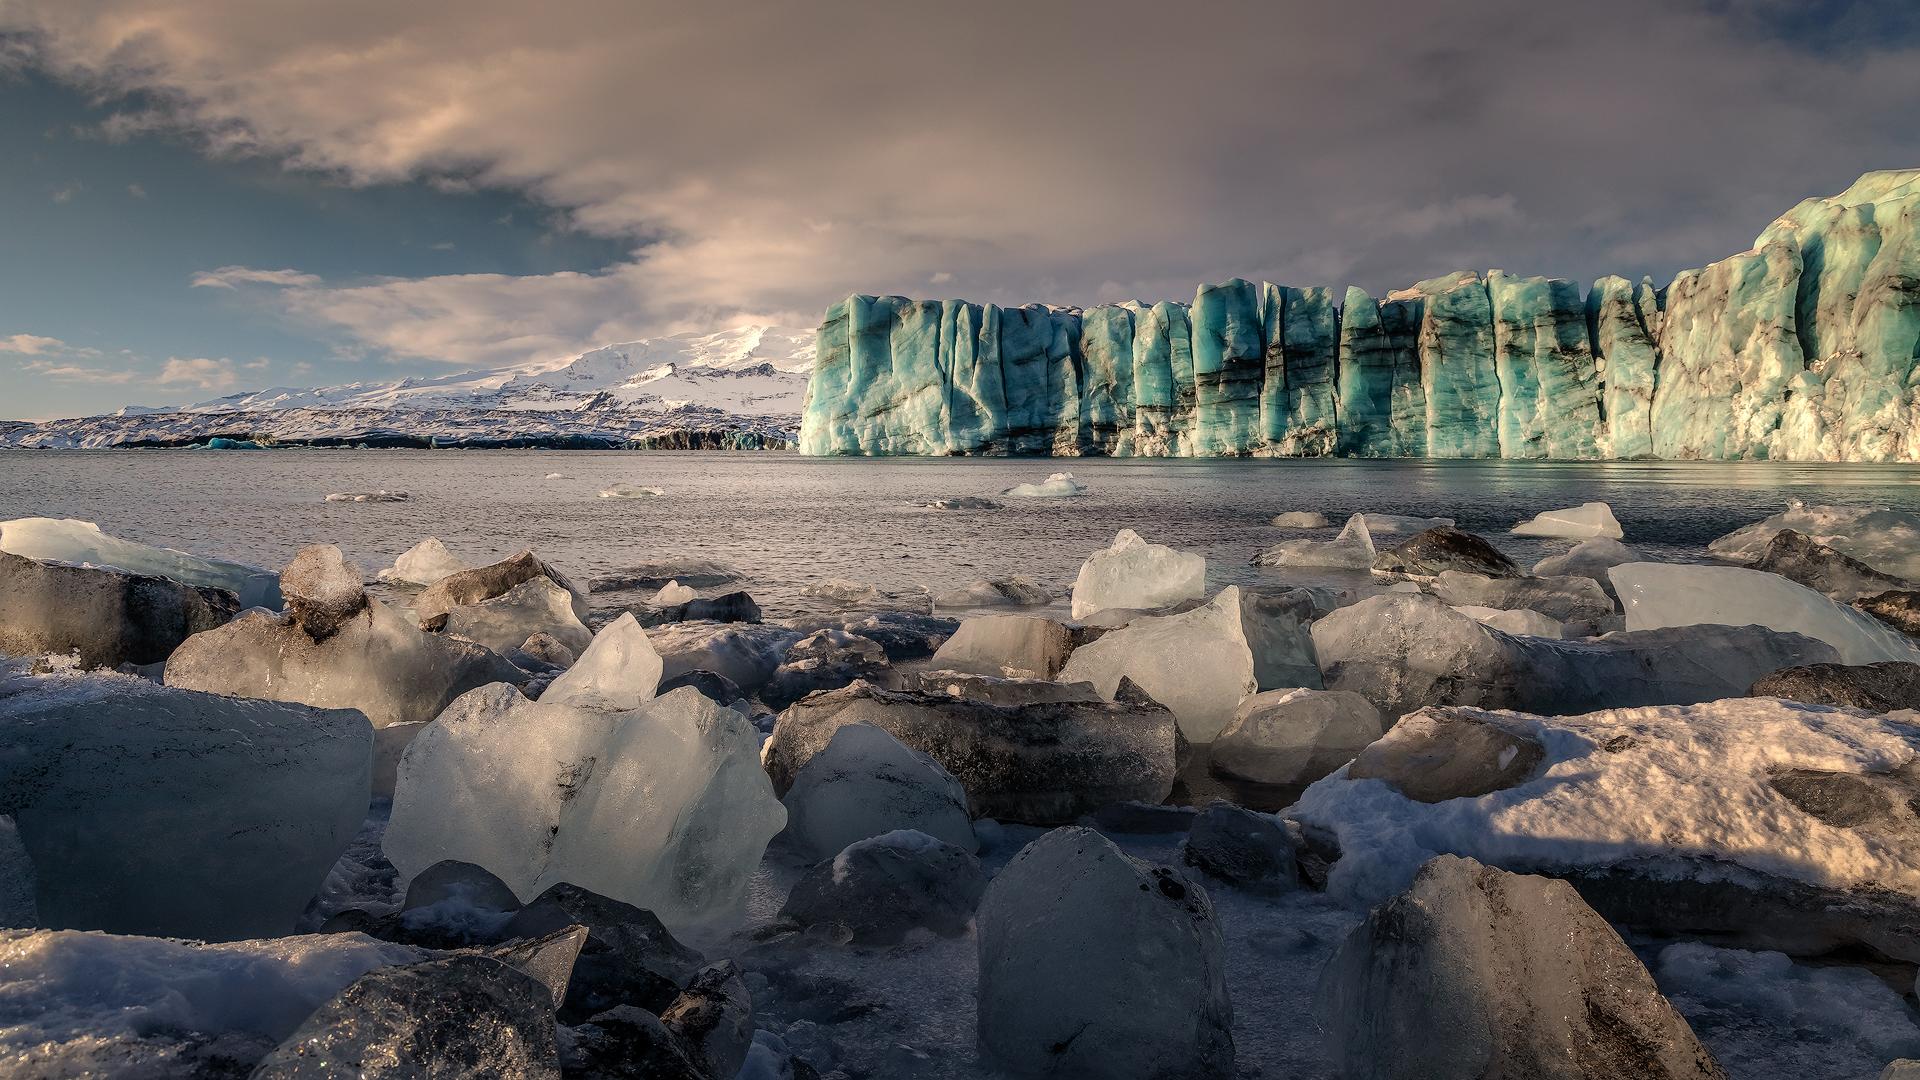 ijsland-feb-2019-1150-copy.jpg